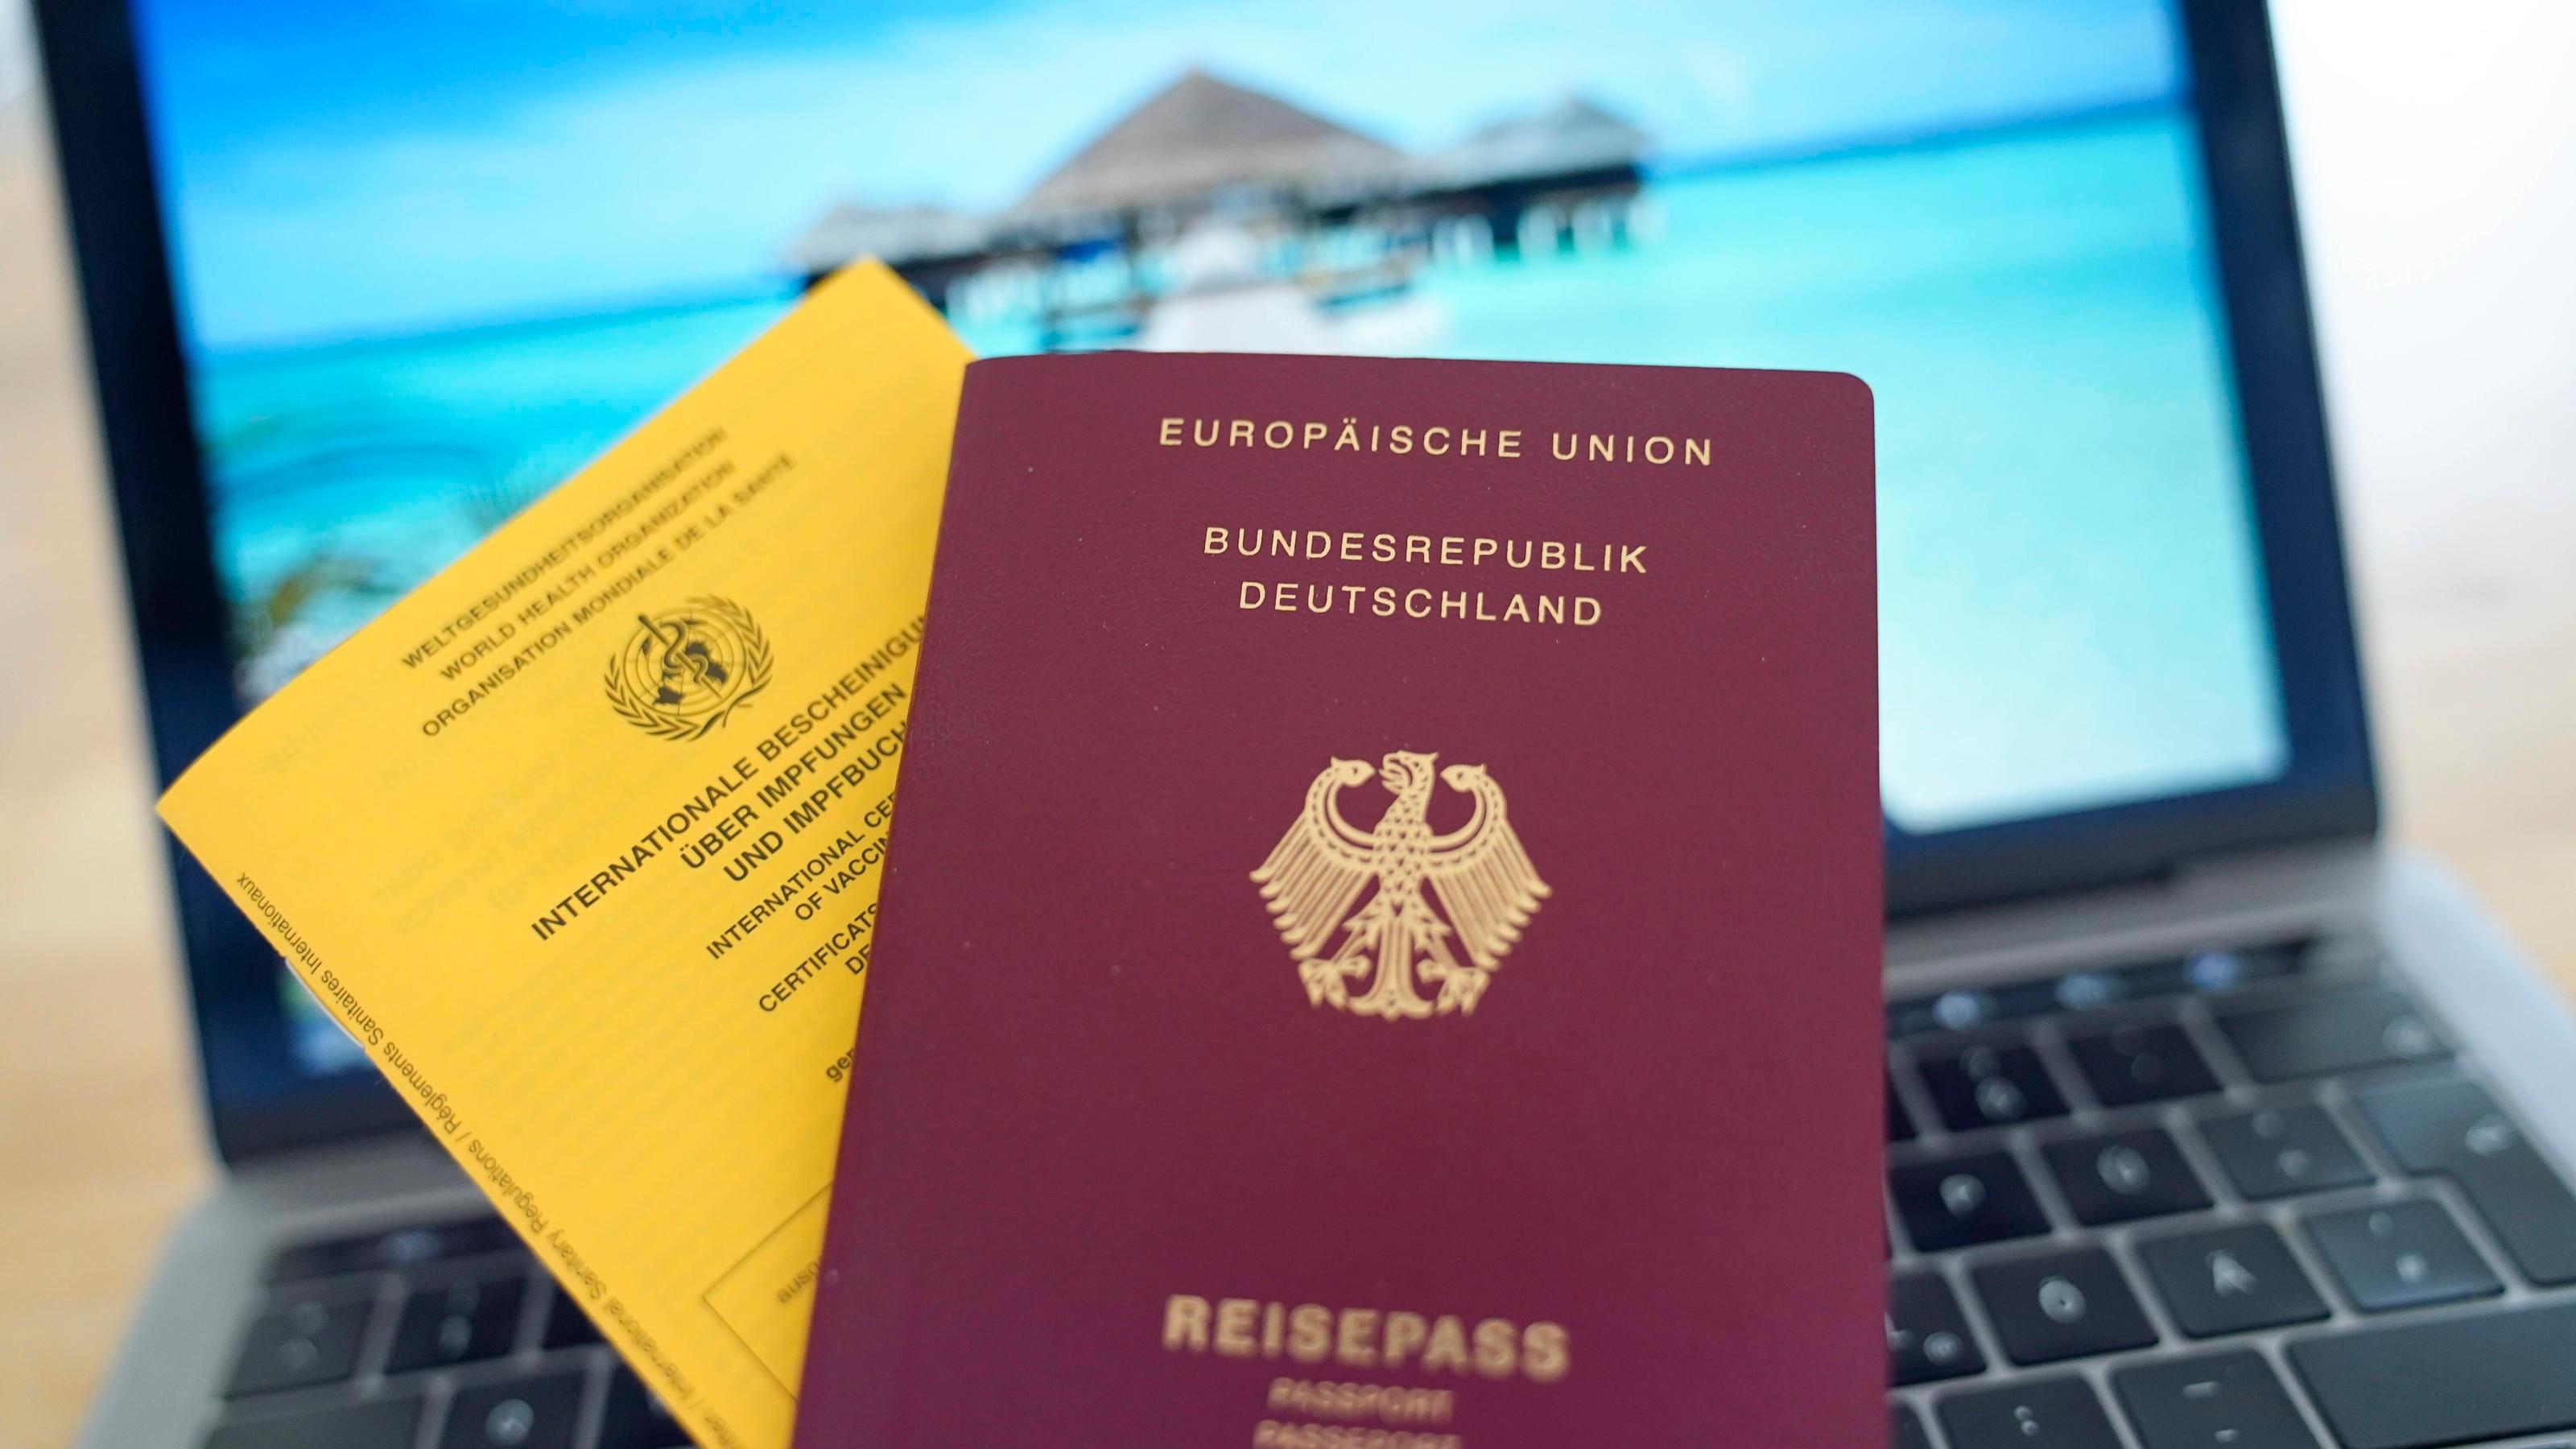 Reisepass oder Personalausweis sind nicht mehr gültig? Kein Problem. So verreisen Sie trotzdem